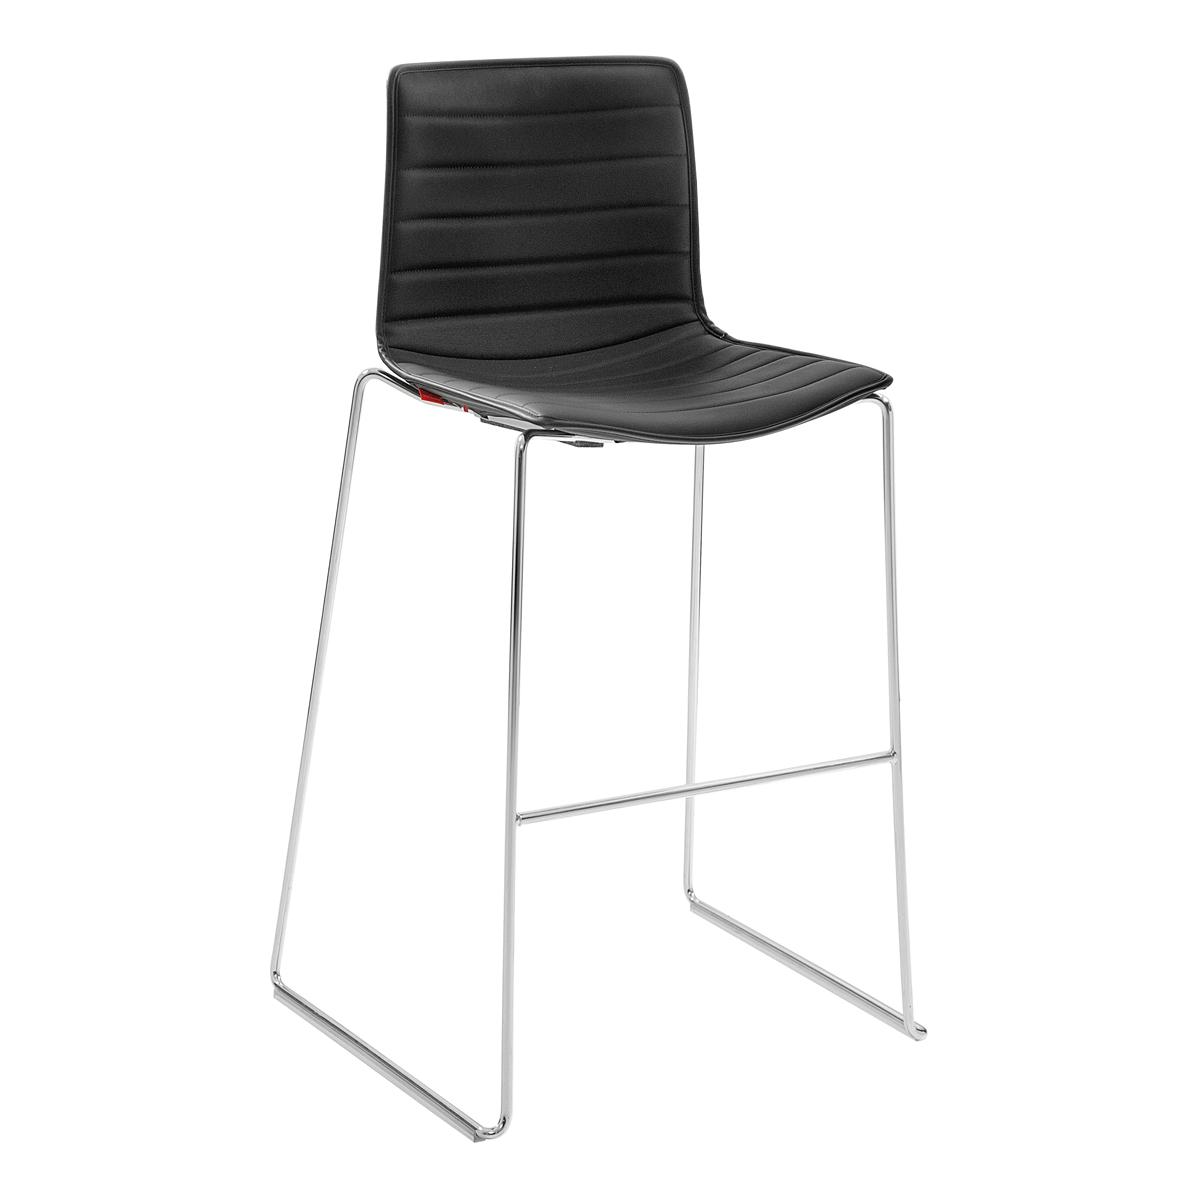 catifa 46 leder schwarz mietm bel katalog. Black Bedroom Furniture Sets. Home Design Ideas